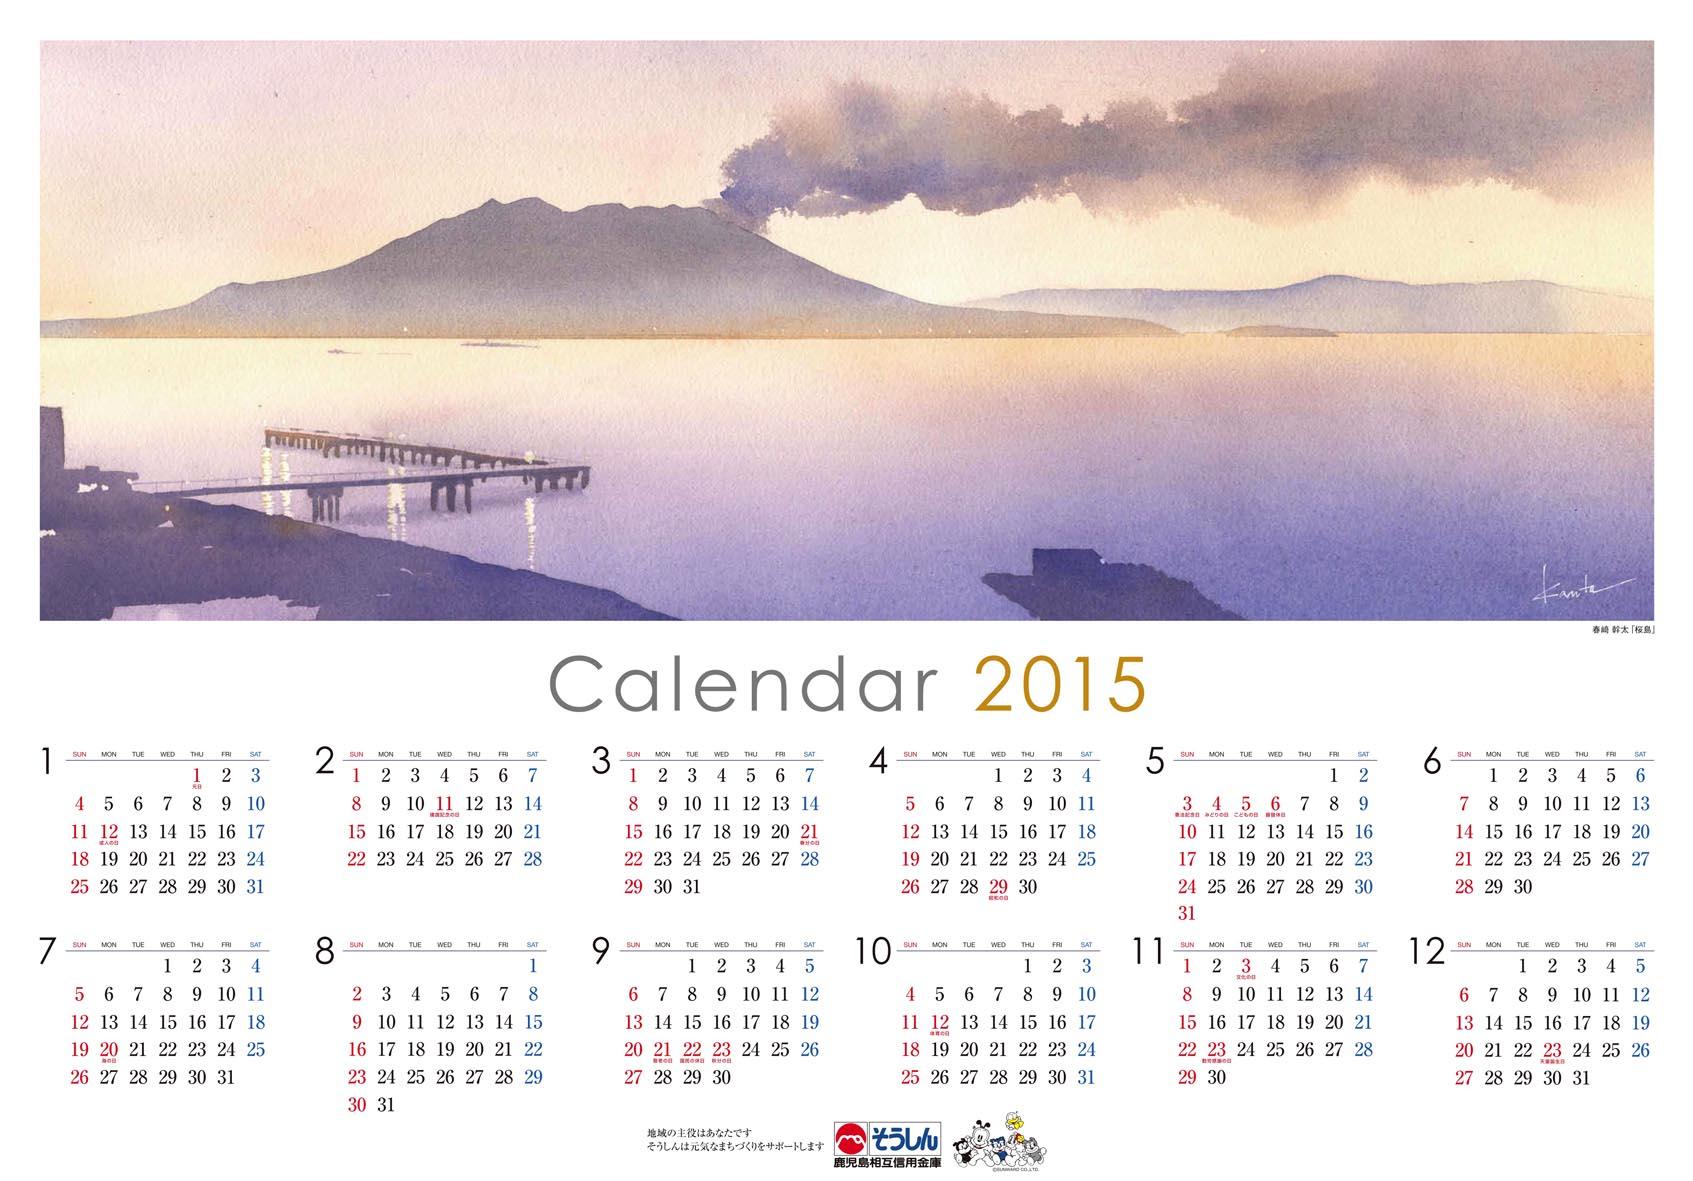 鹿児島 桜島カレンダー_f0176370_753106.jpg